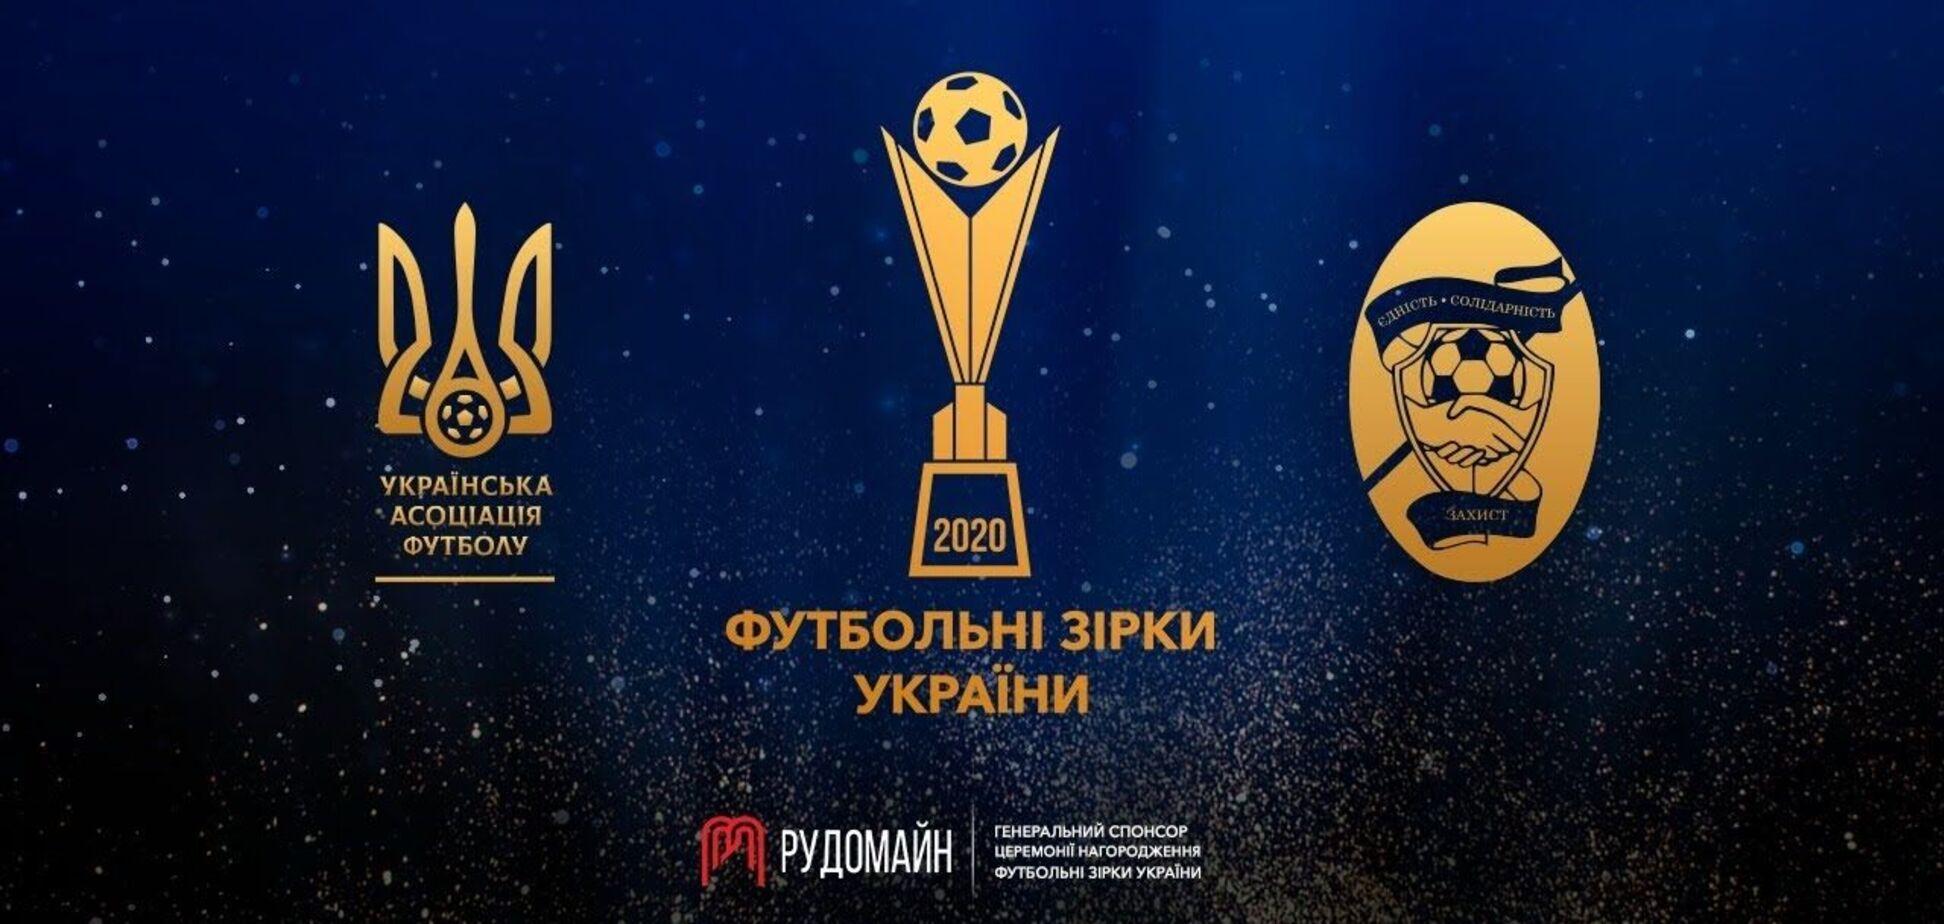 Футбольні зірки України-2020